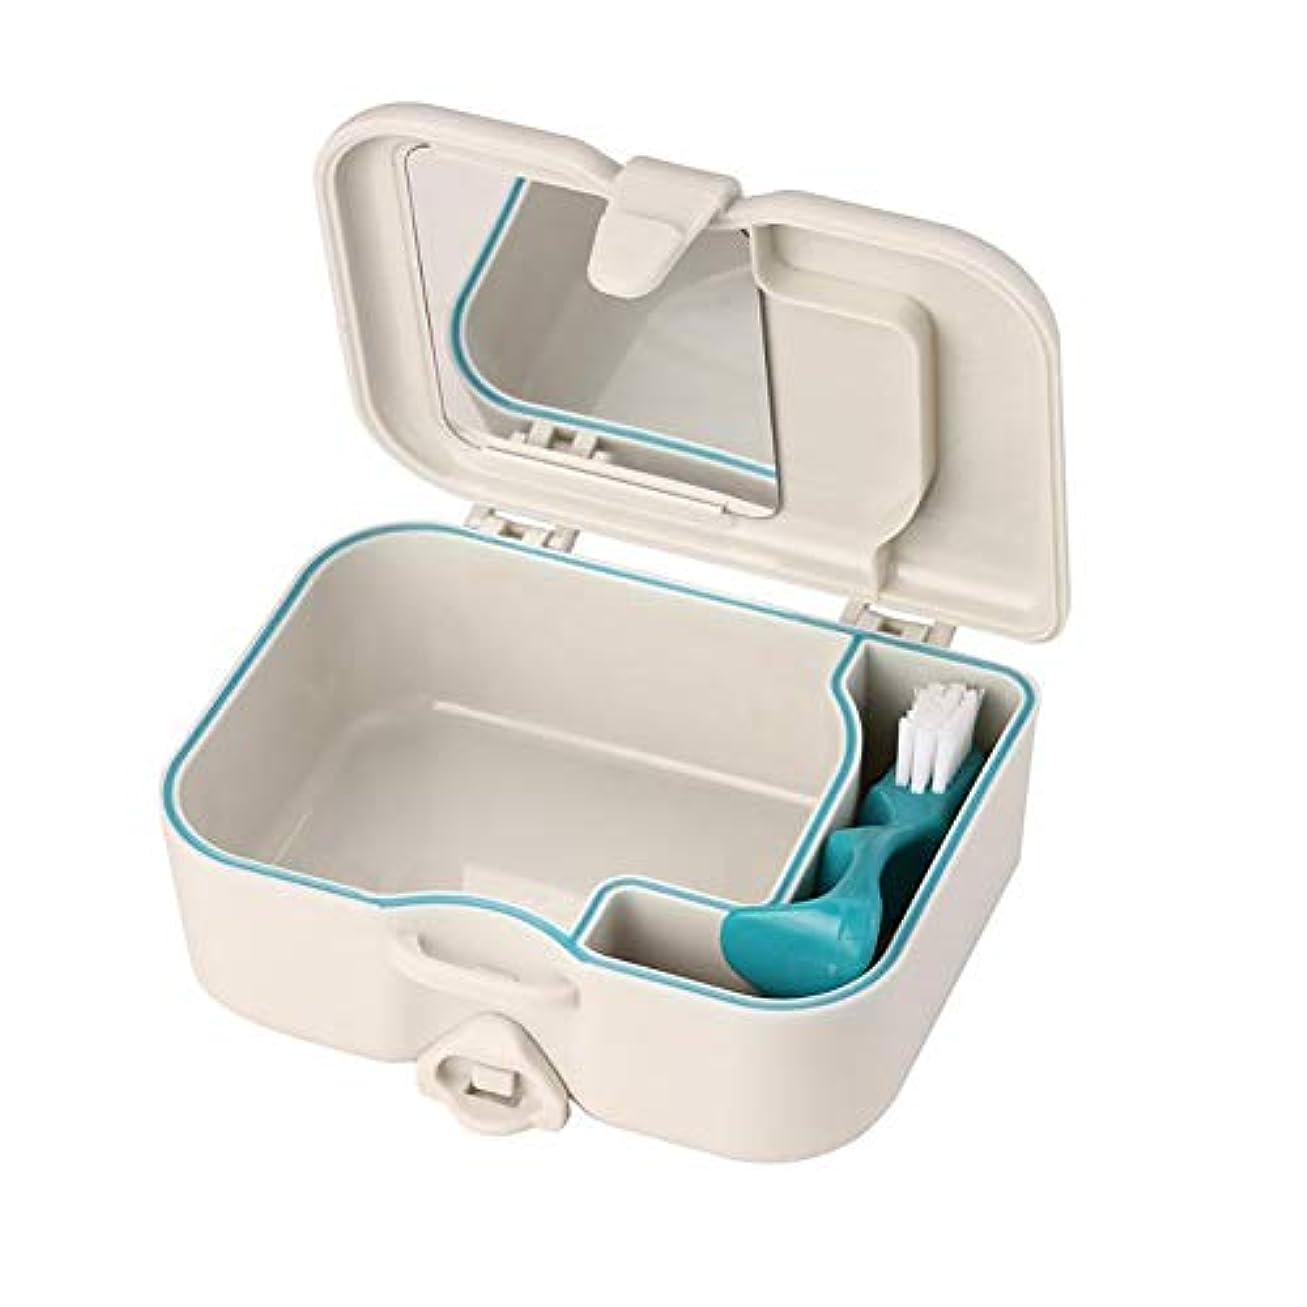 単位モノグラフ縫い目Cozyswan 義歯用収納ボックス 鏡とブラシ付 ポータブル 取り外し可能 お手入れ簡単 抗菌 防水加工 漏れ防止 家庭 旅行 出張 携帯便利